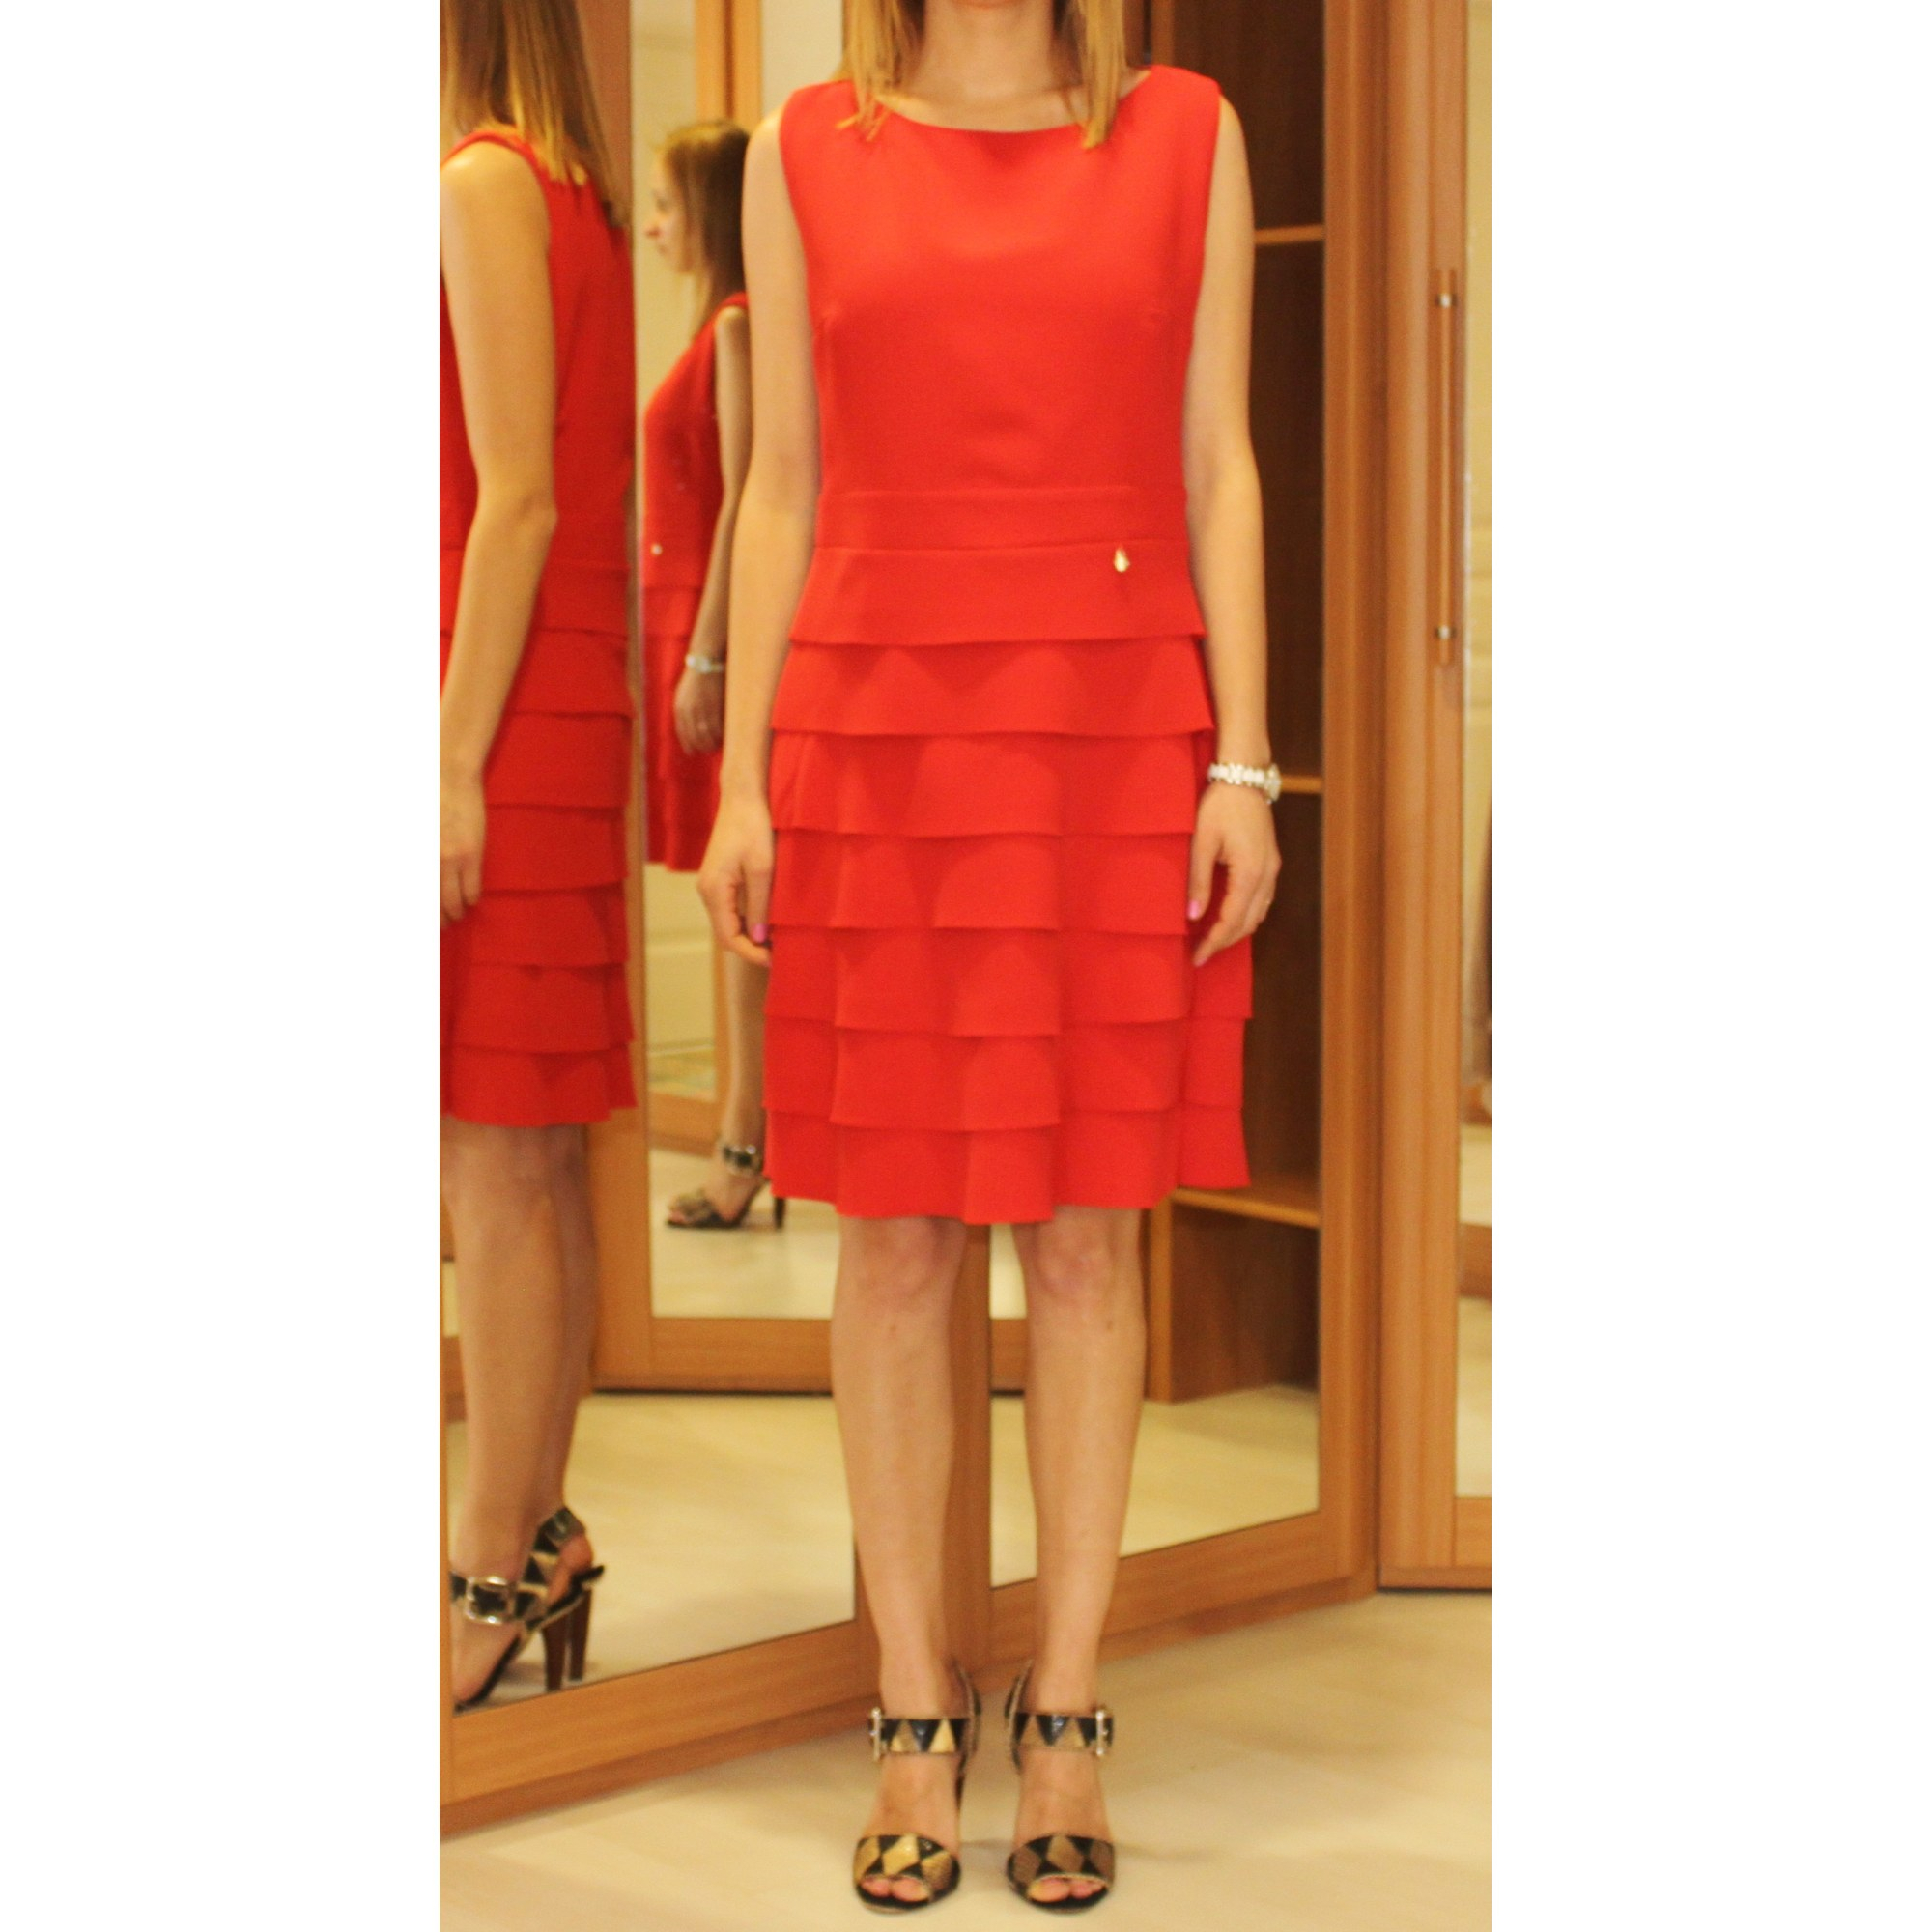 bb2a9a0c87e1 Robe courte RINASCIMENTO 38 (M, T2) rouge vendu par Mariana144438 ...